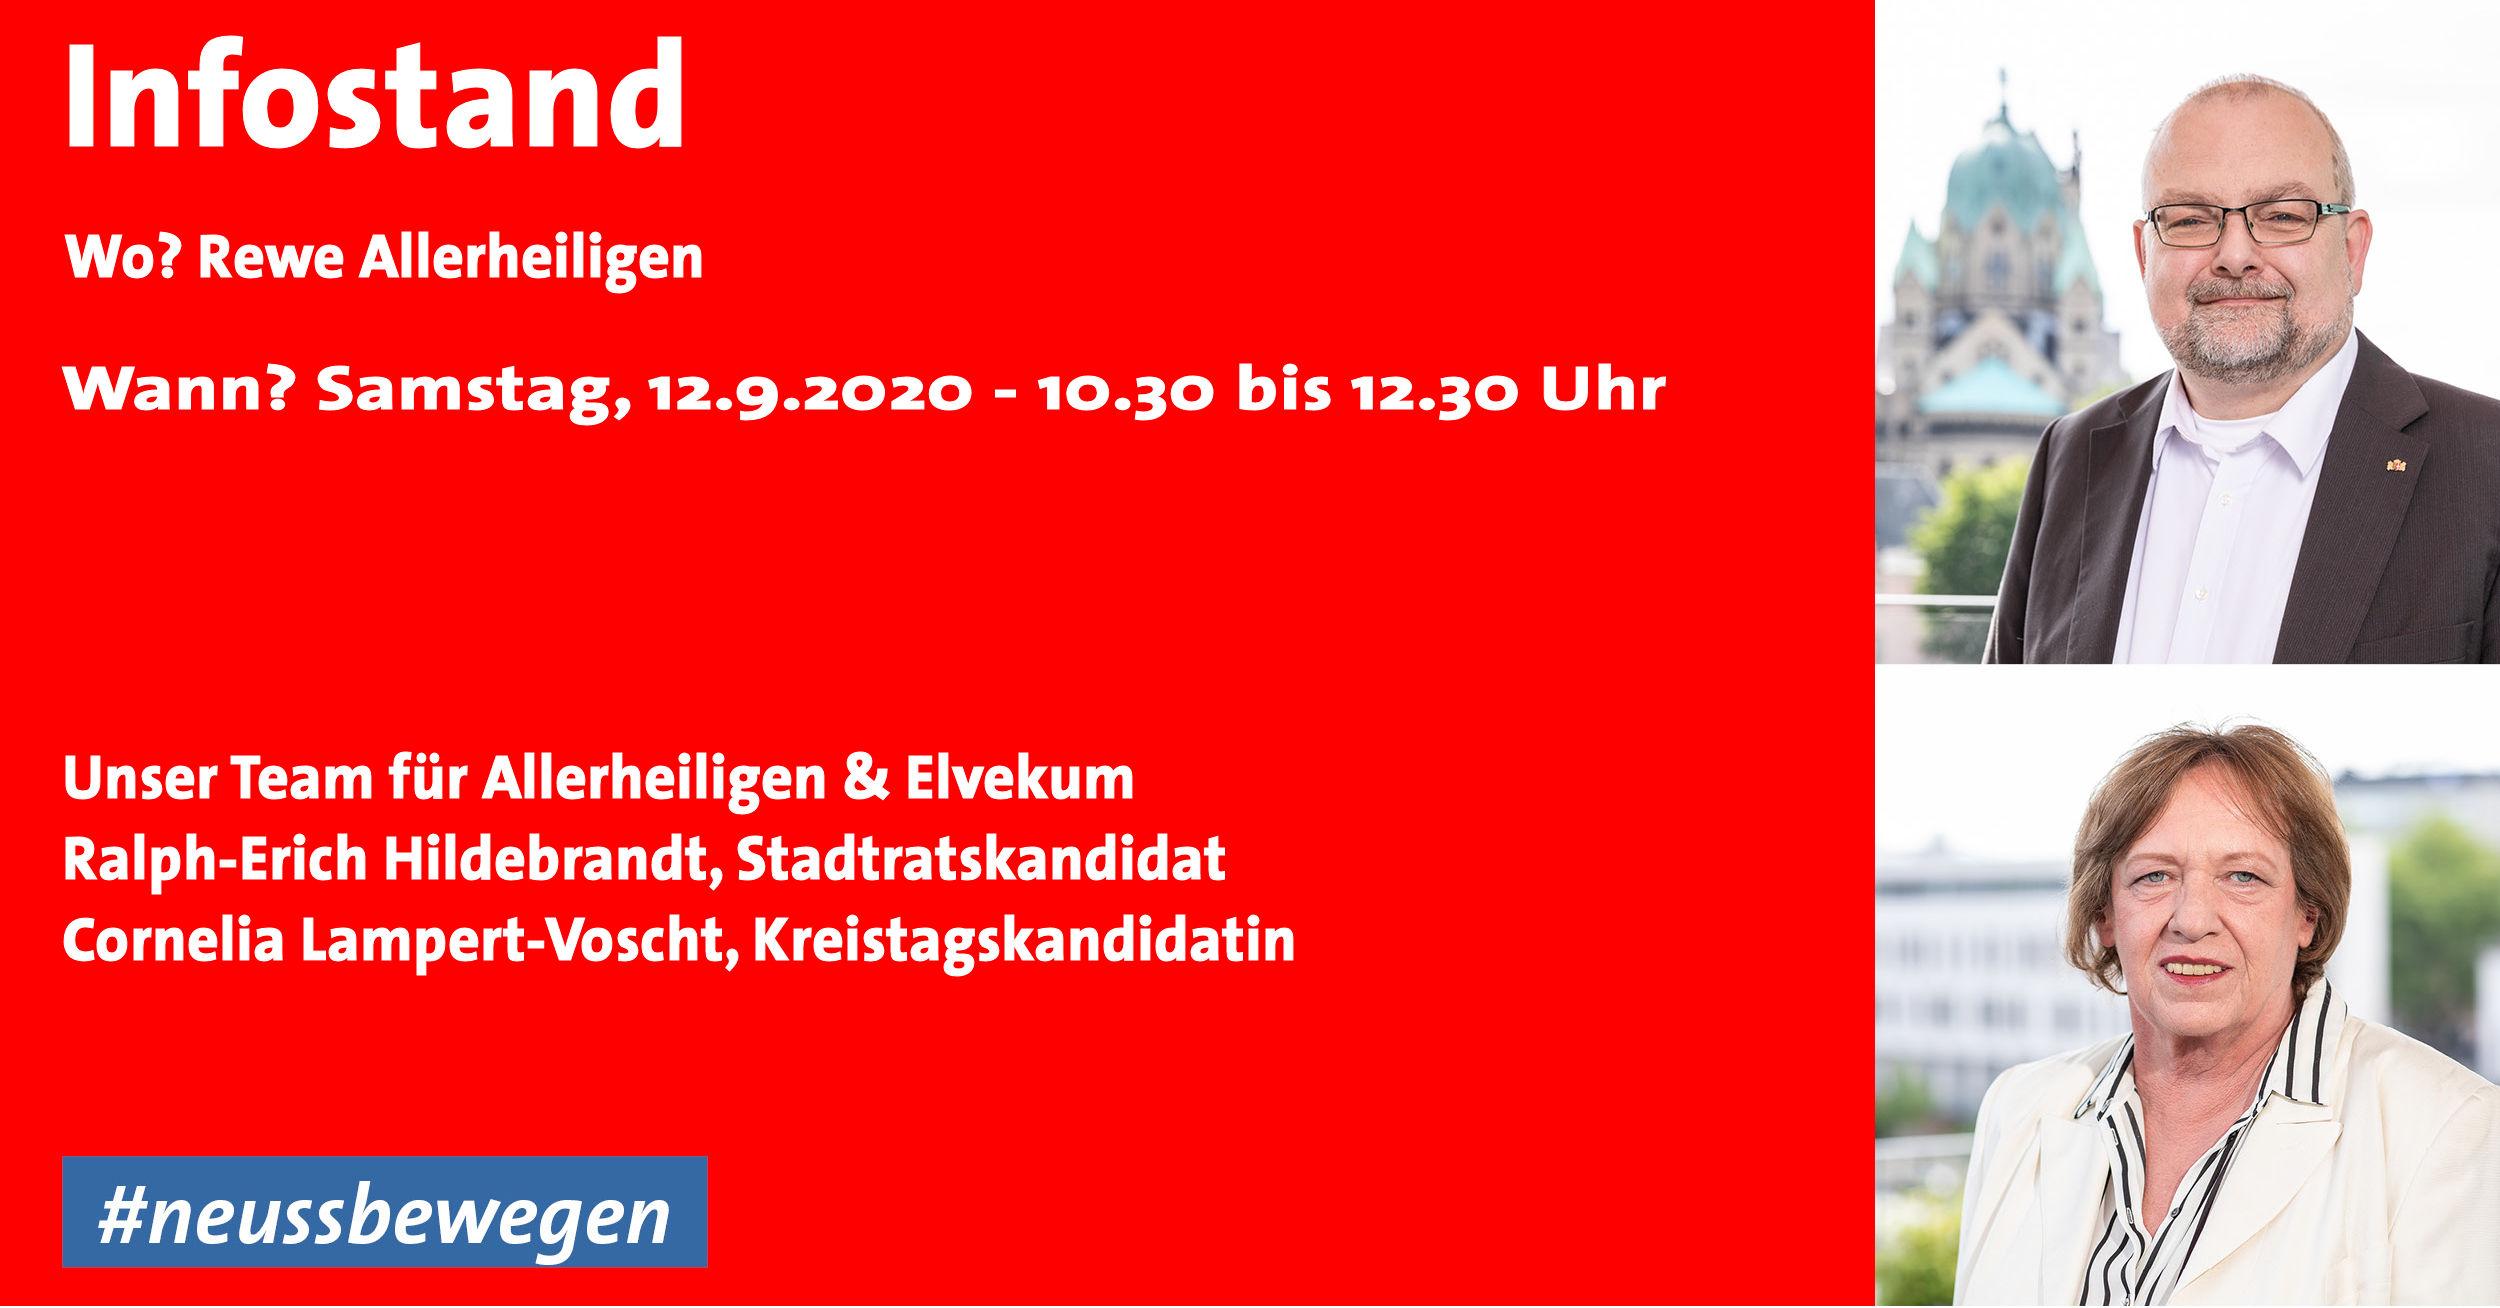 Infostand vor dem Rewe Allerheiligen am 12.9.2020